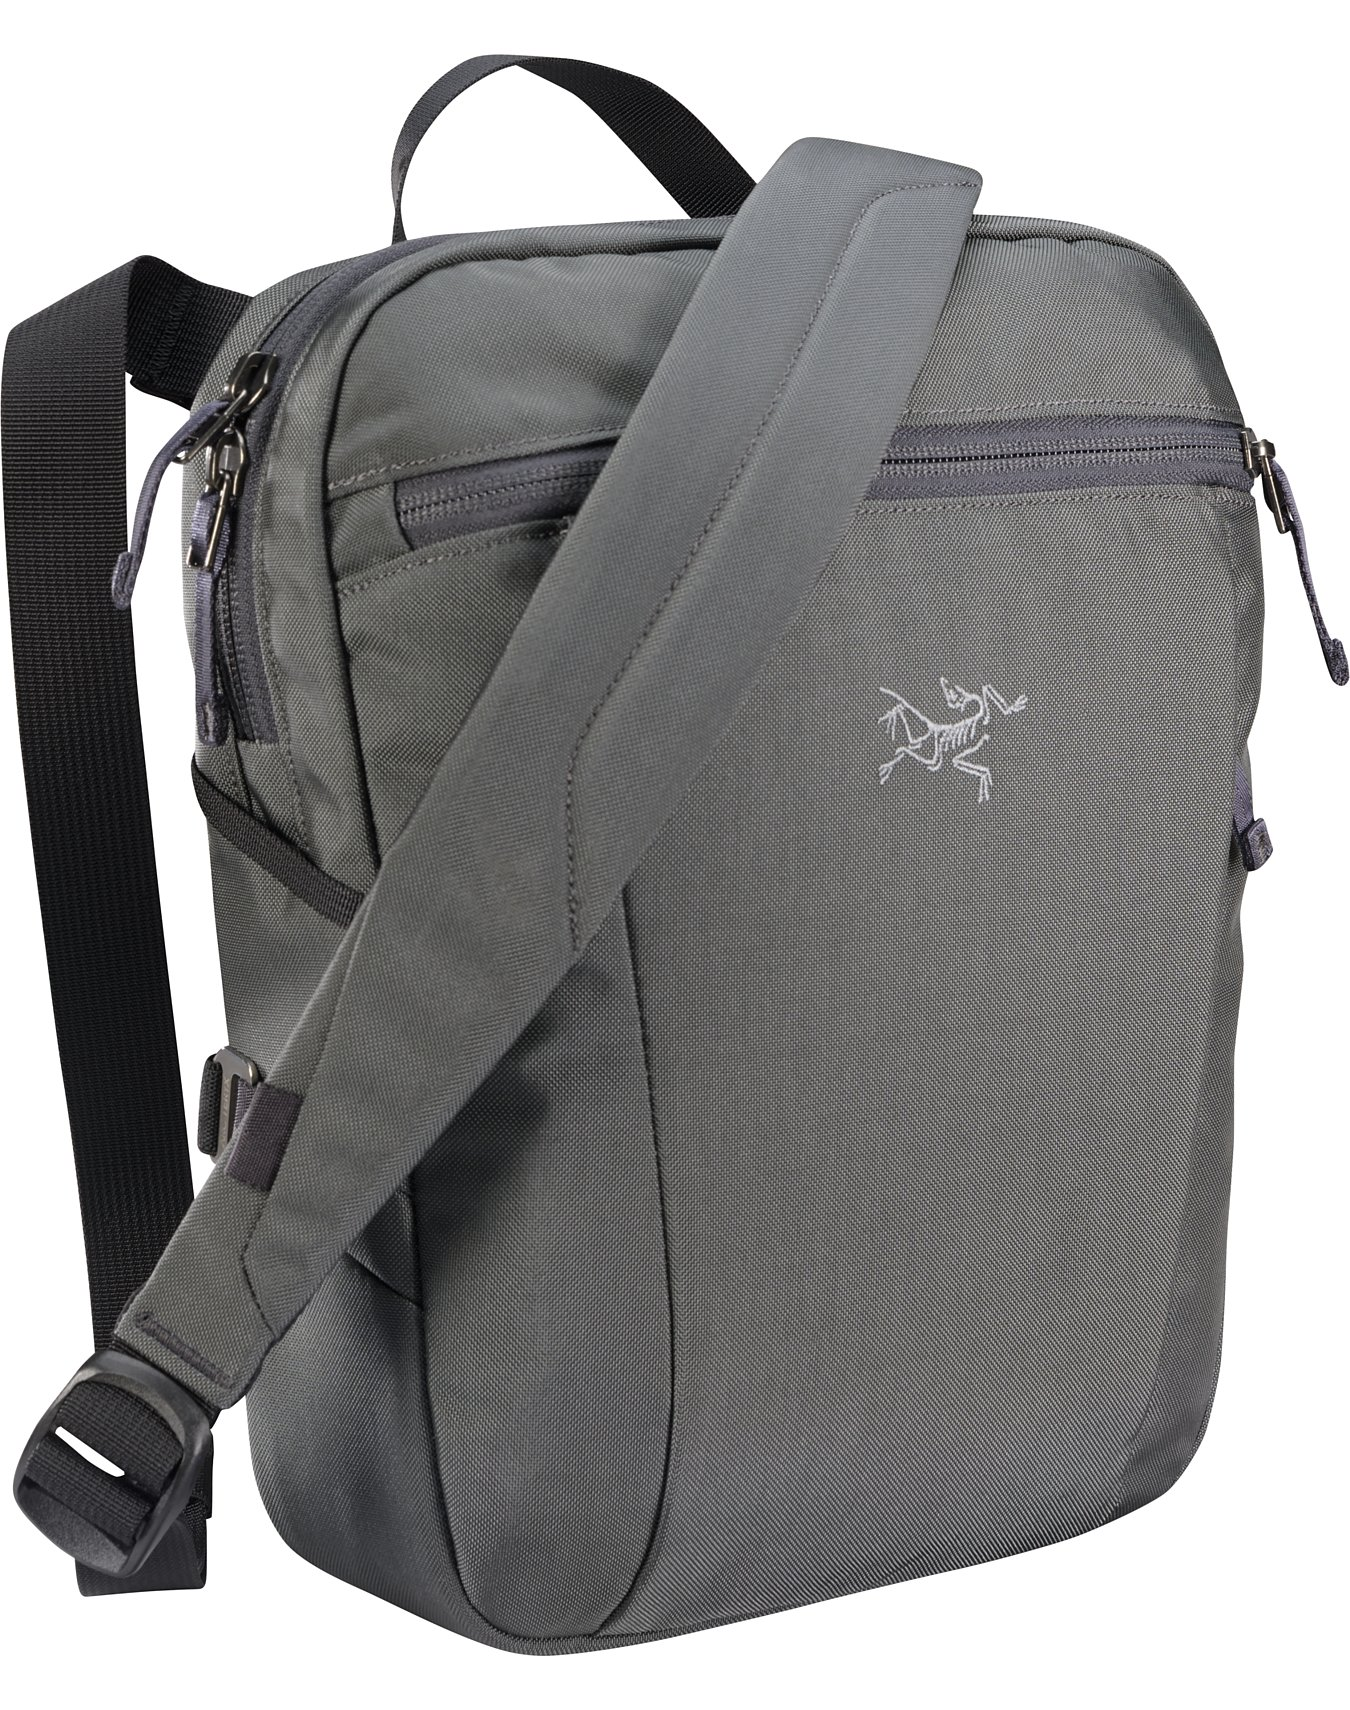 Slingblade 4 Shoulder Bag